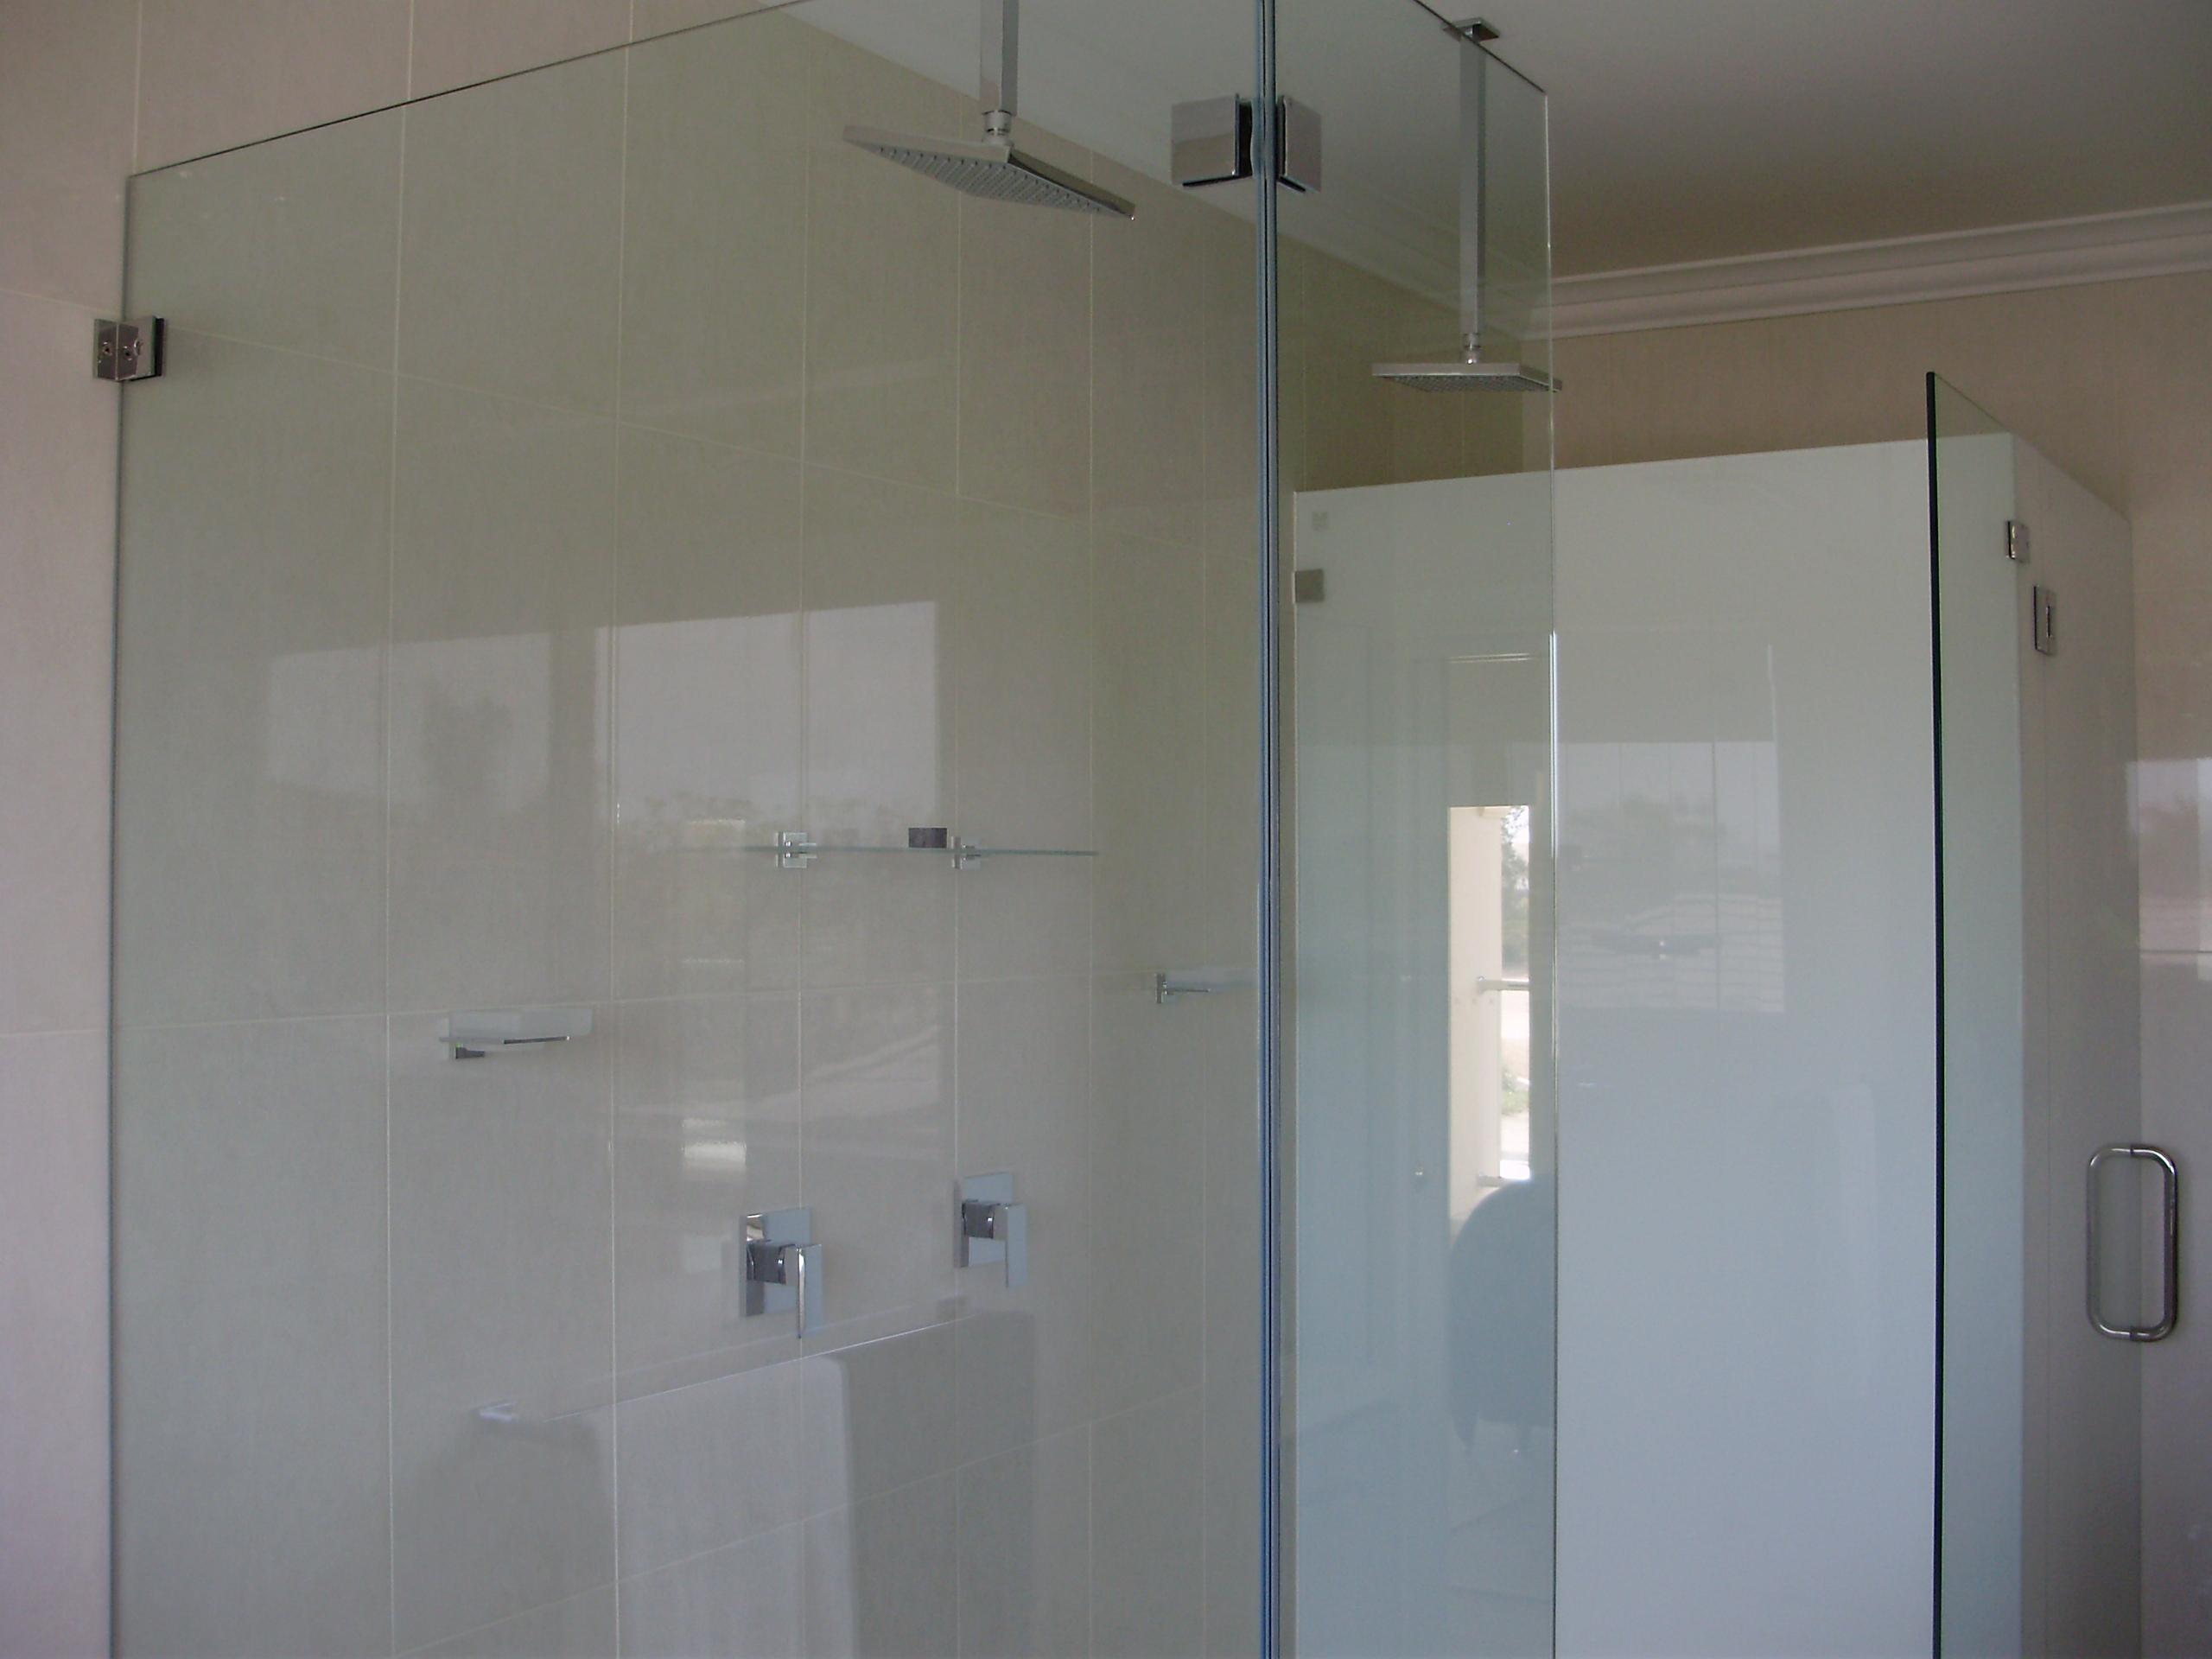 Shower screens custom made